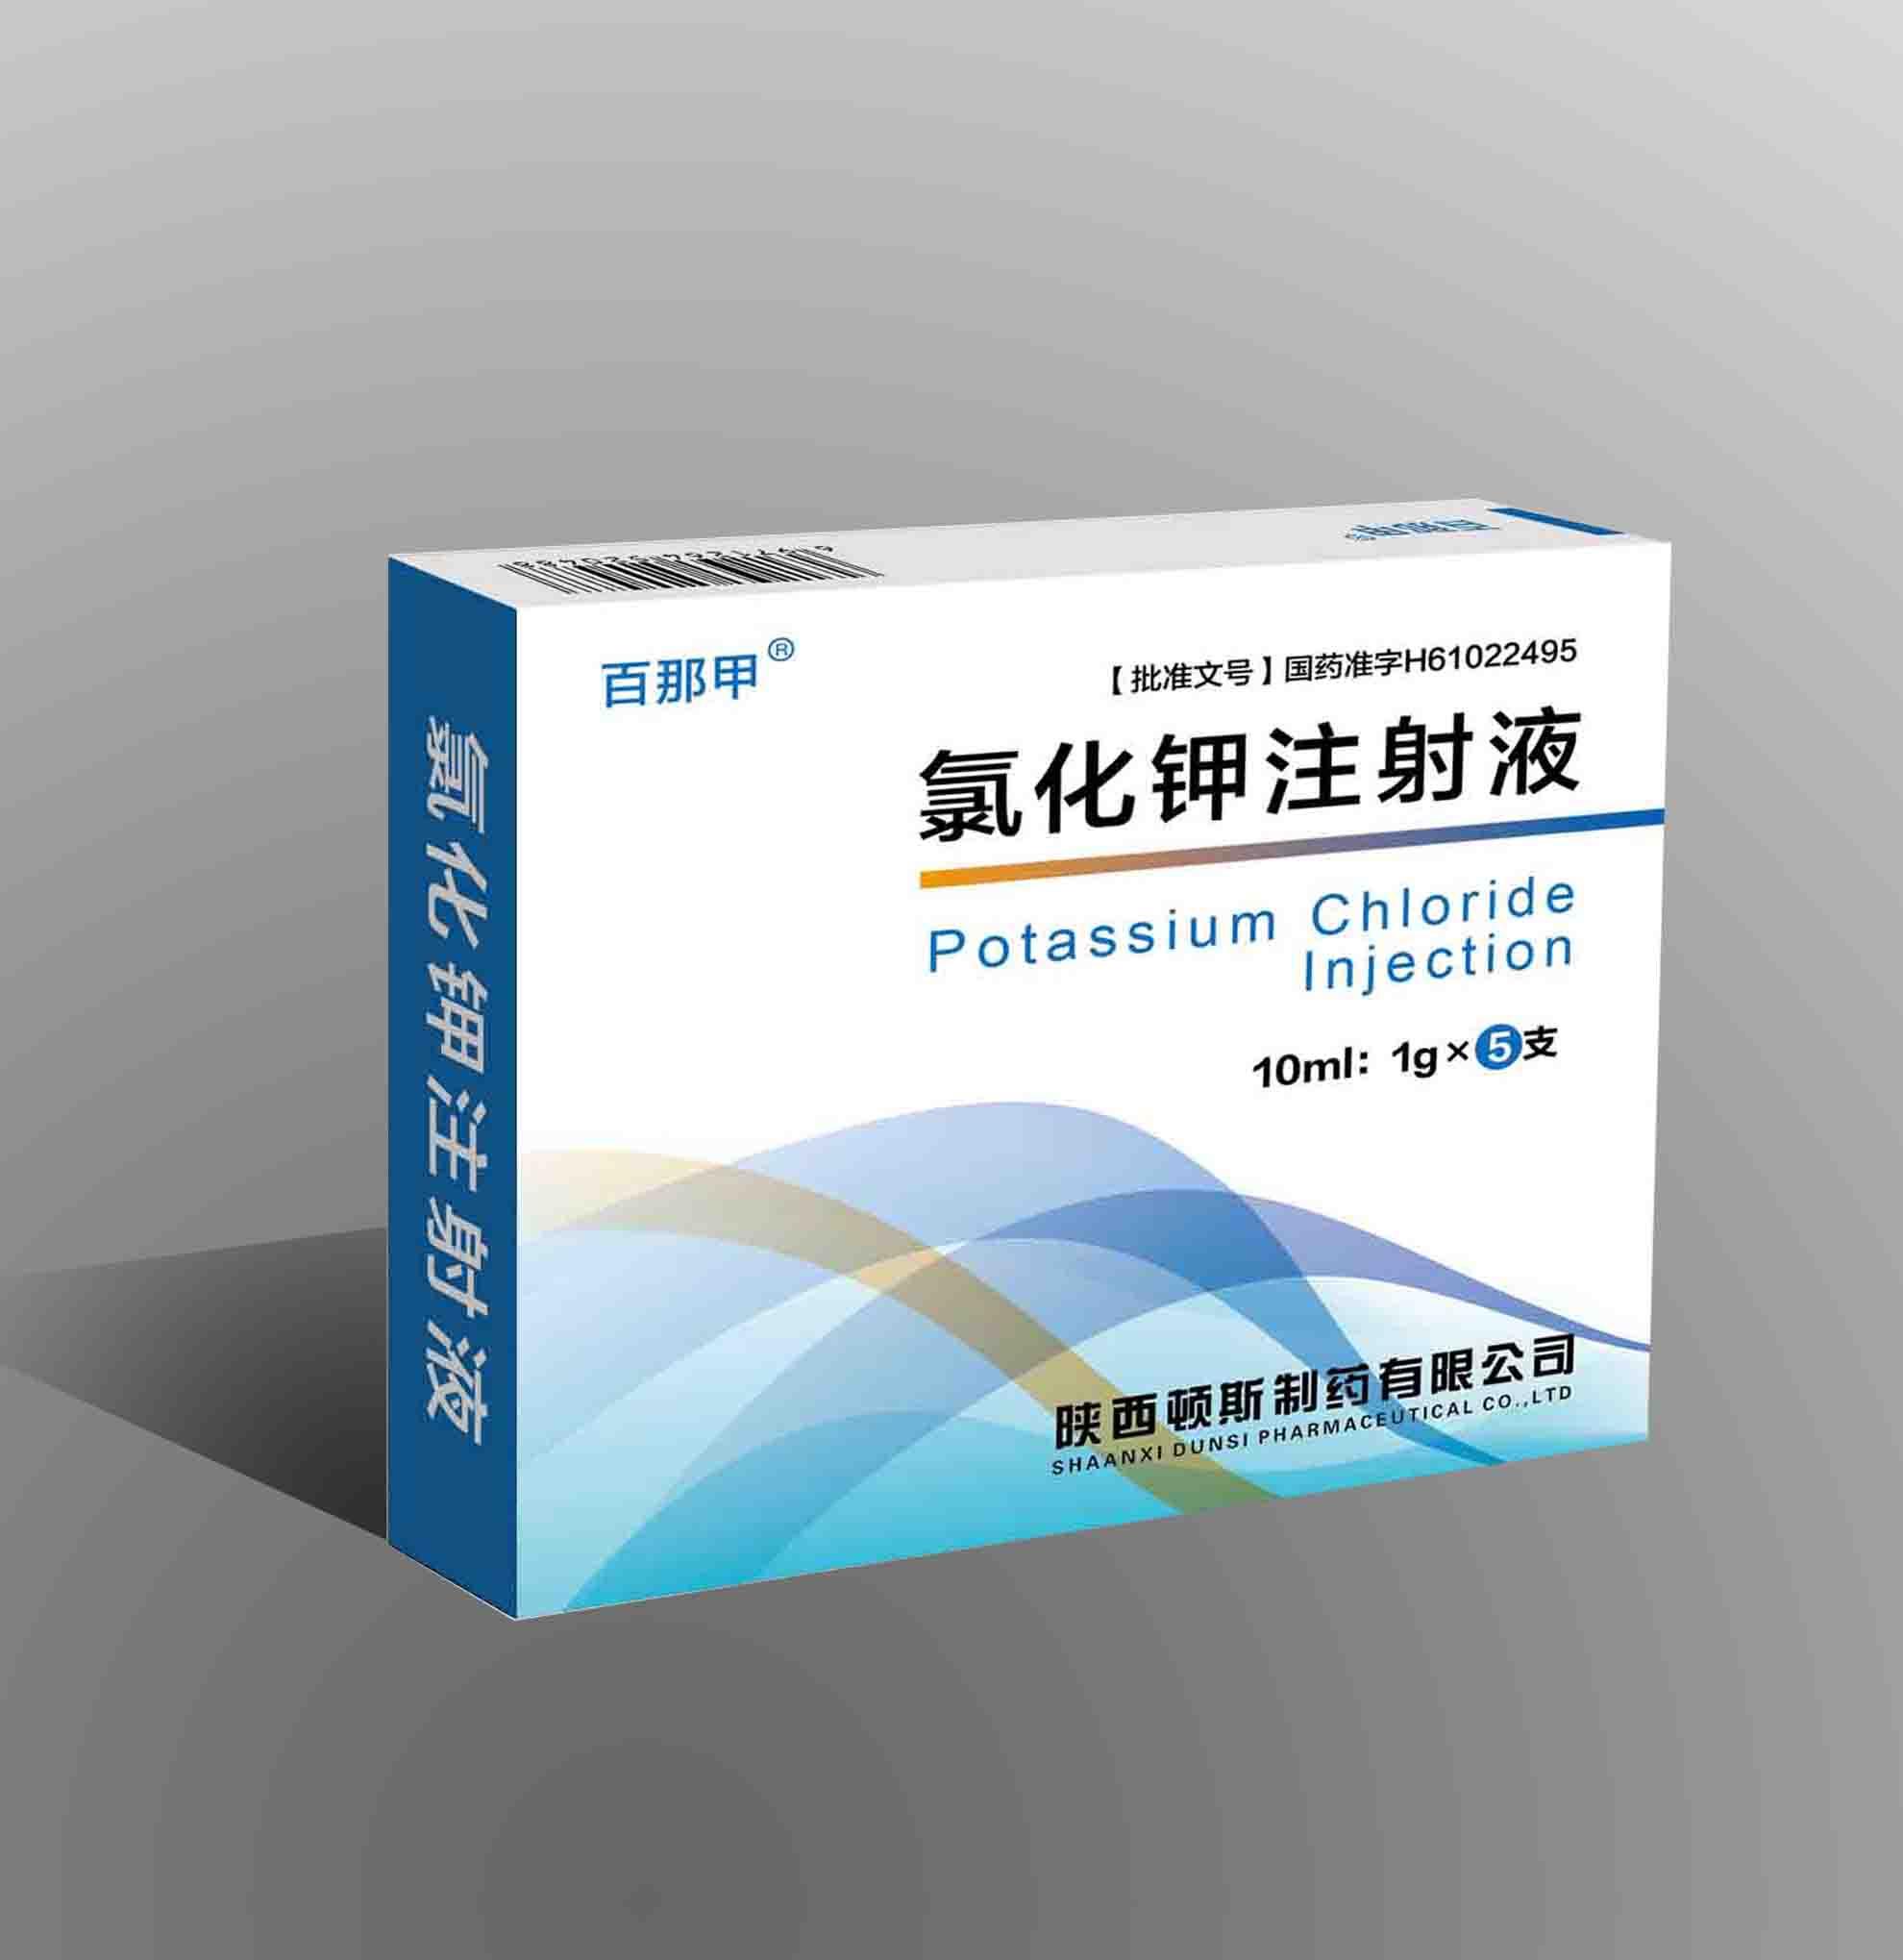 氯化鉀注射液